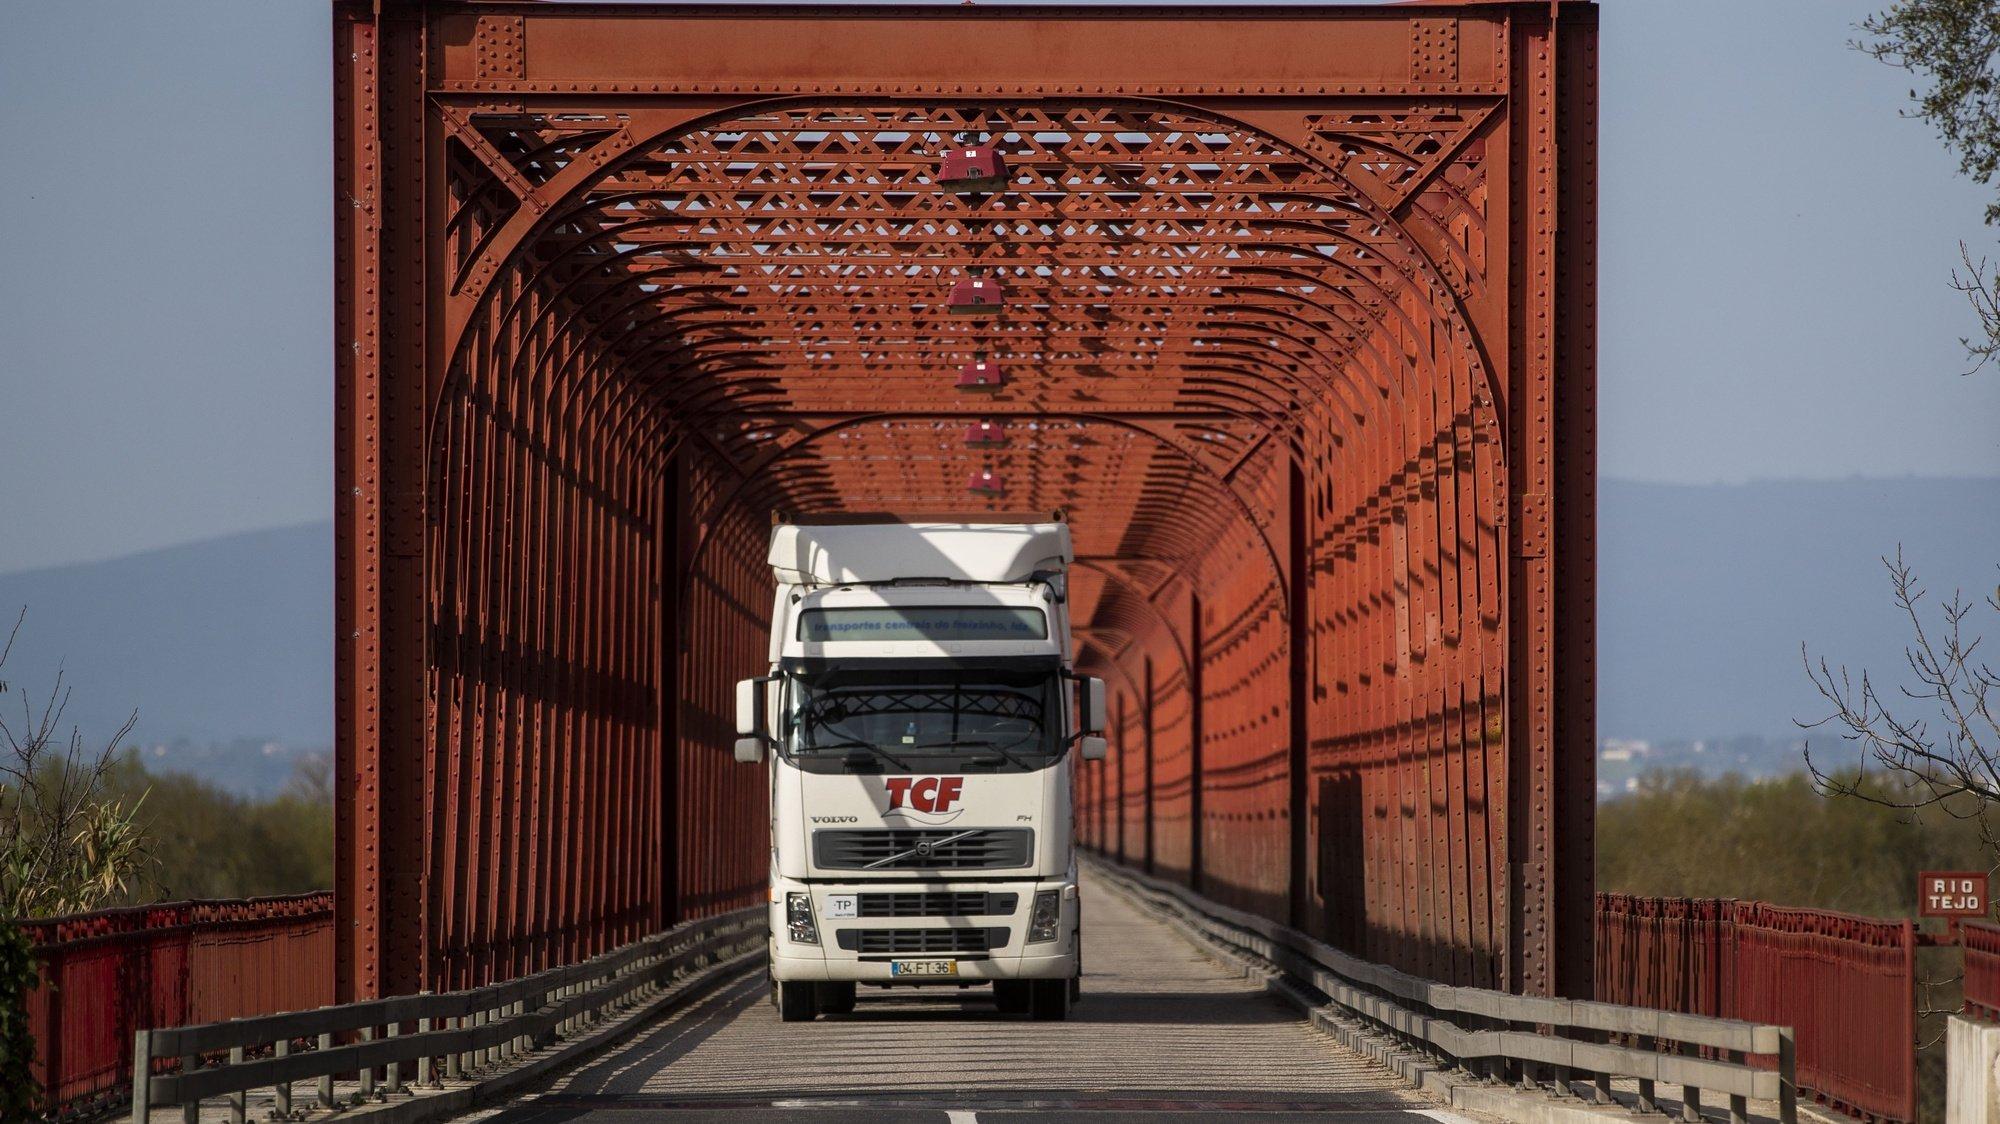 Um camião transporta resíduos para o Ecoparque do Relvão, na Chamusca, 06 de fevereiro de 2020. A população da Chamusca queixa-se do cheiro nauseabundo dos camiões carregados de resíduos. (ACOMPANHA TEXTO DO DIA 13 DE FEVEREIRO DE 2020). JOSÉ SENA GOULÃO/LUSA